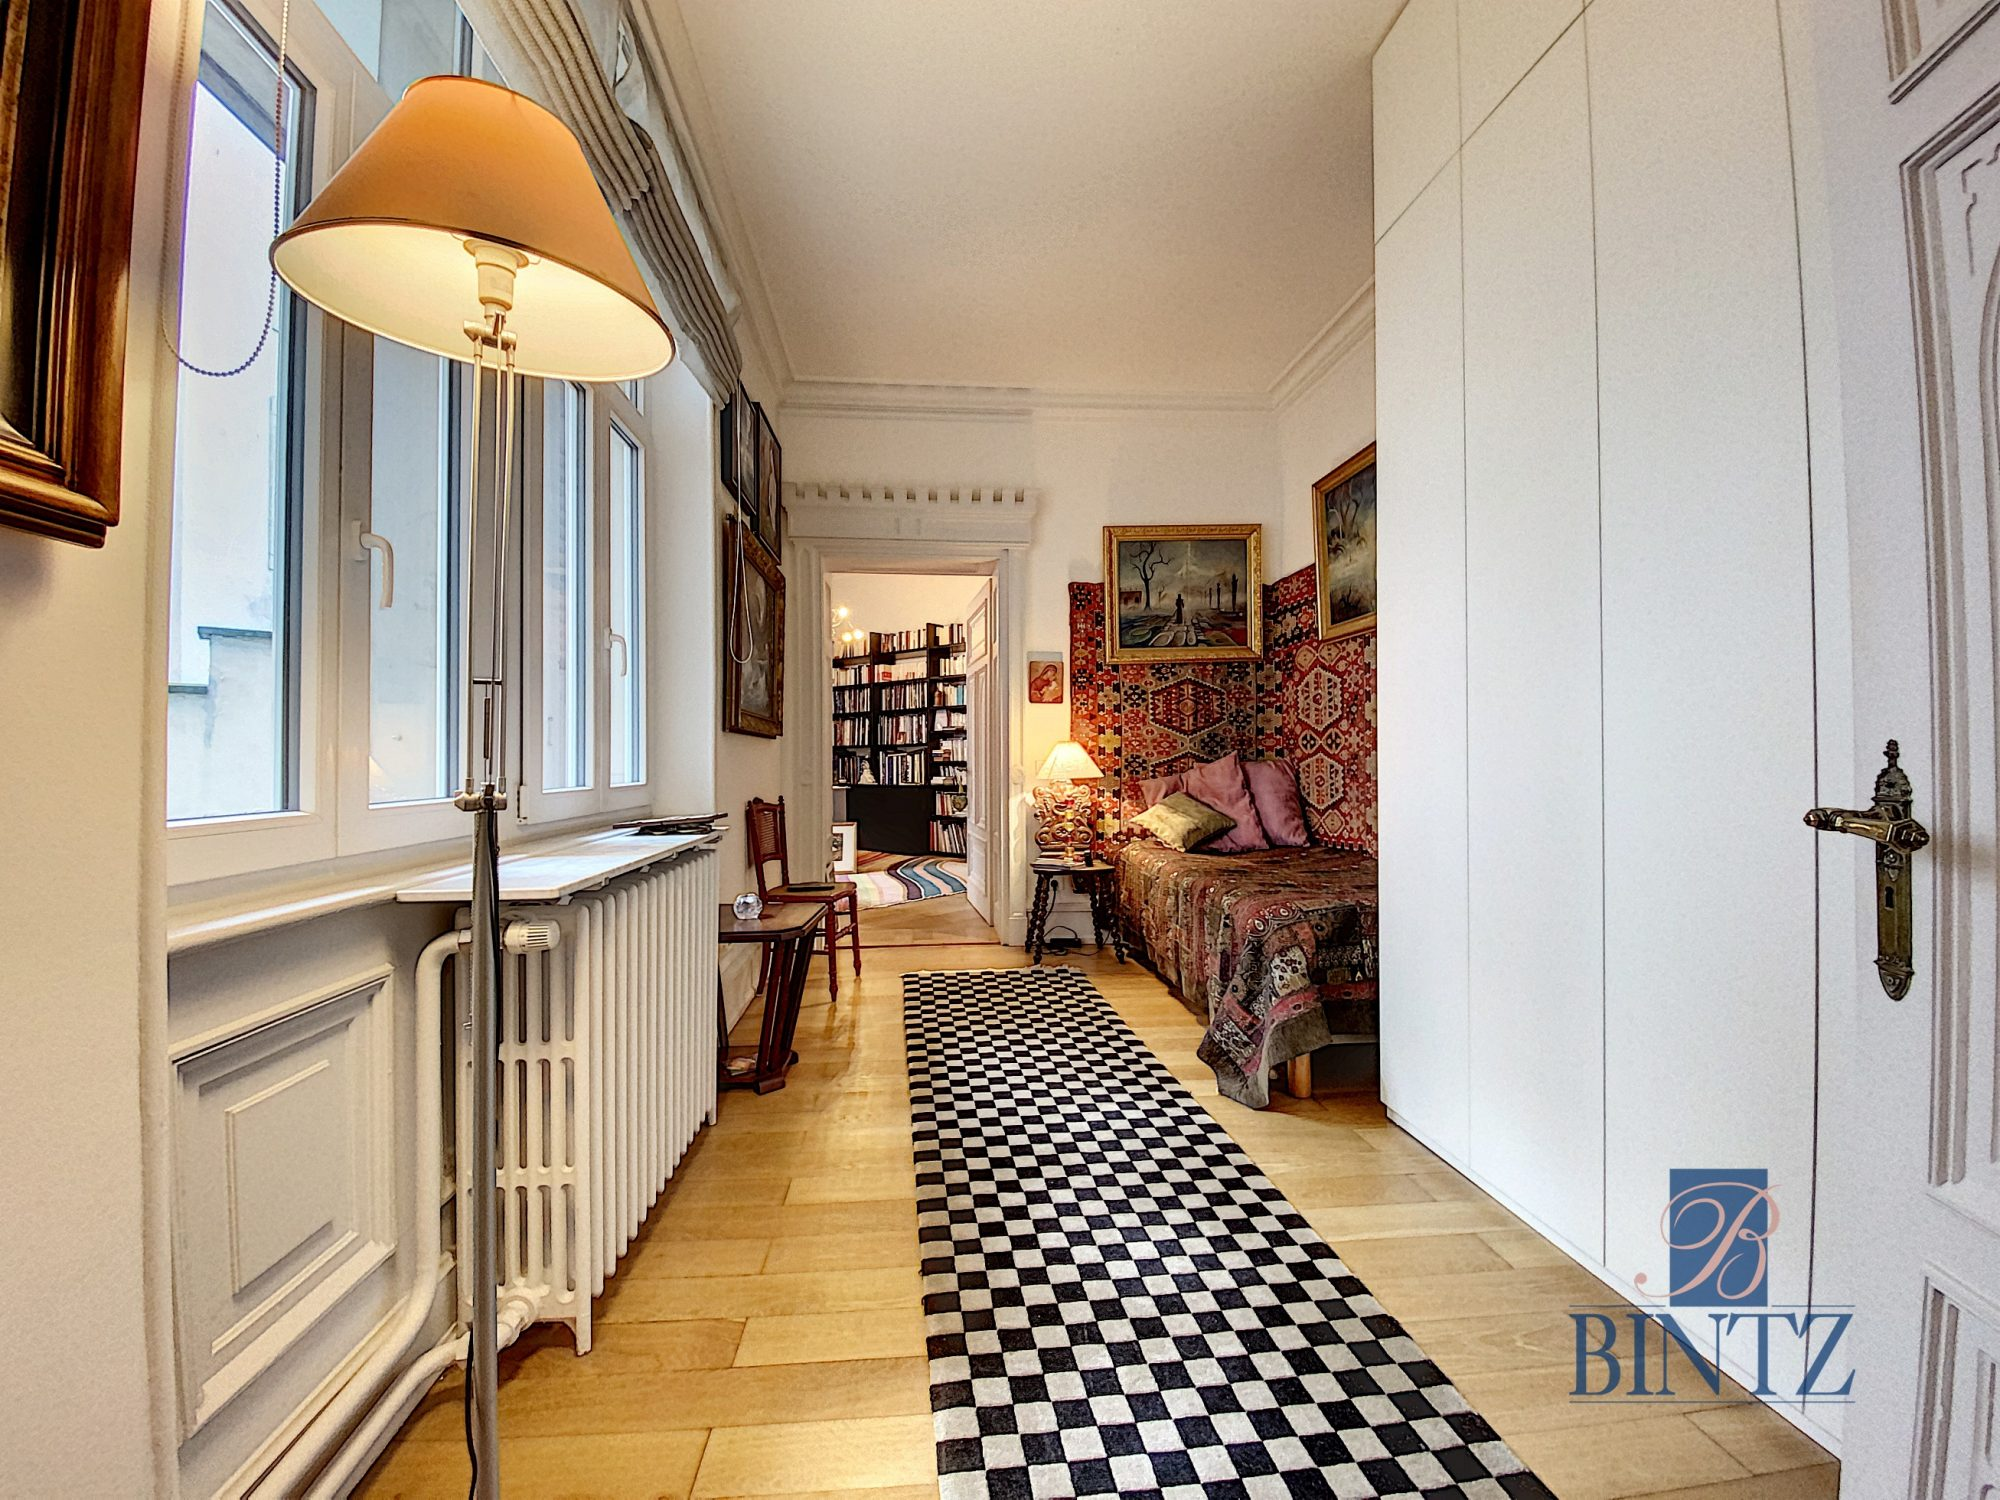 Magnifique 6 pièces de 164m2 à la Neustadt - Devenez propriétaire en toute confiance - Bintz Immobilier - 11